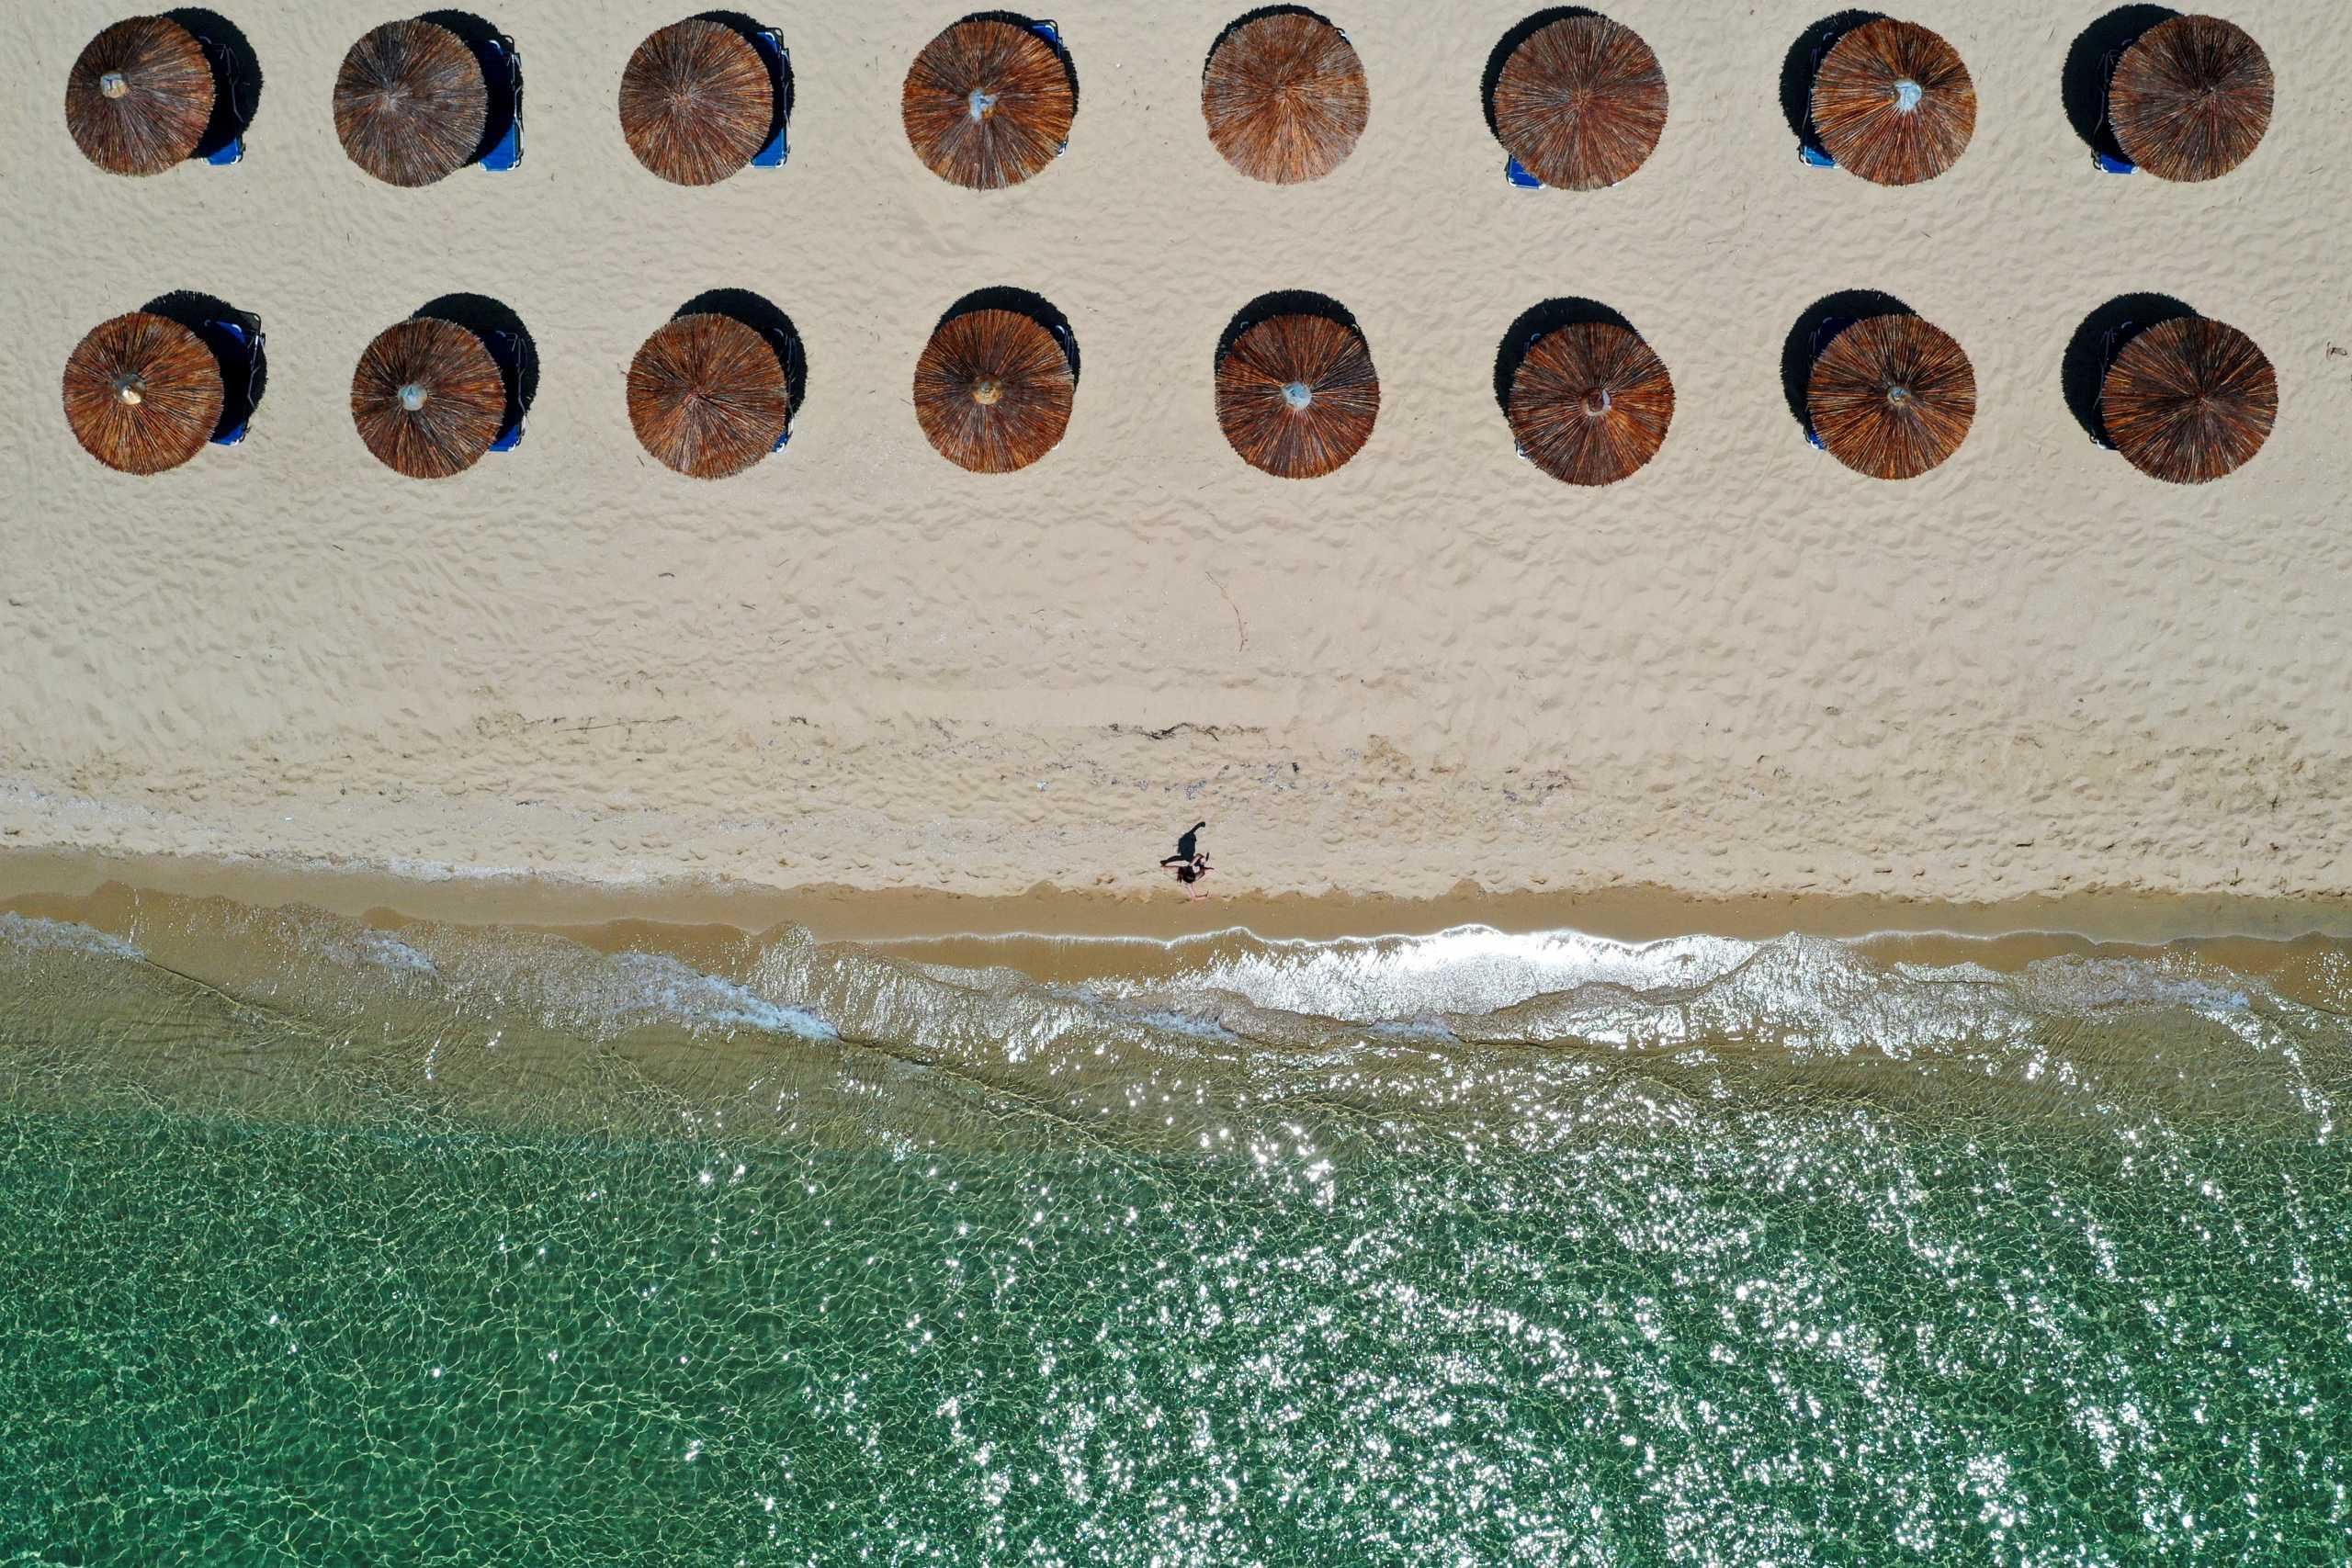 Πήλιο: Θρίλερ σε παραλία στα Καλά Νερά – Επανέφεραν στη ζωή το παιδί  που επέπλεε αναίσθητο μπρούμυτα